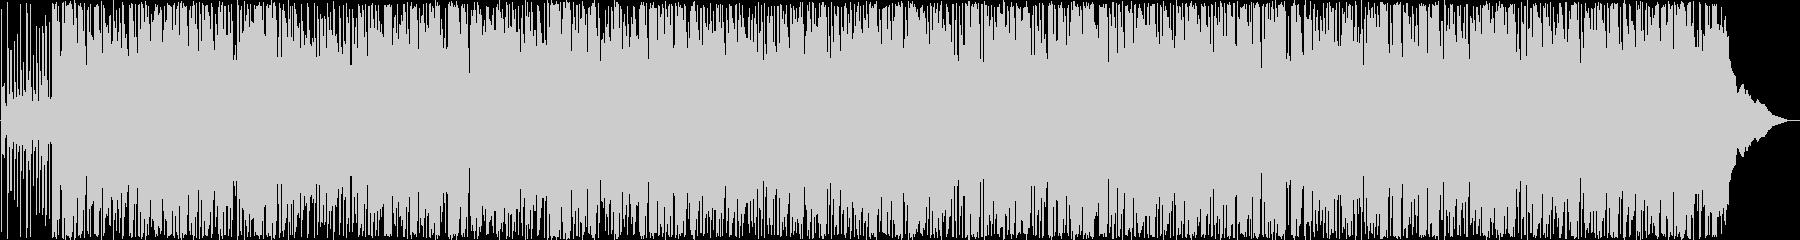 切ないカントリーギターサウンドの未再生の波形